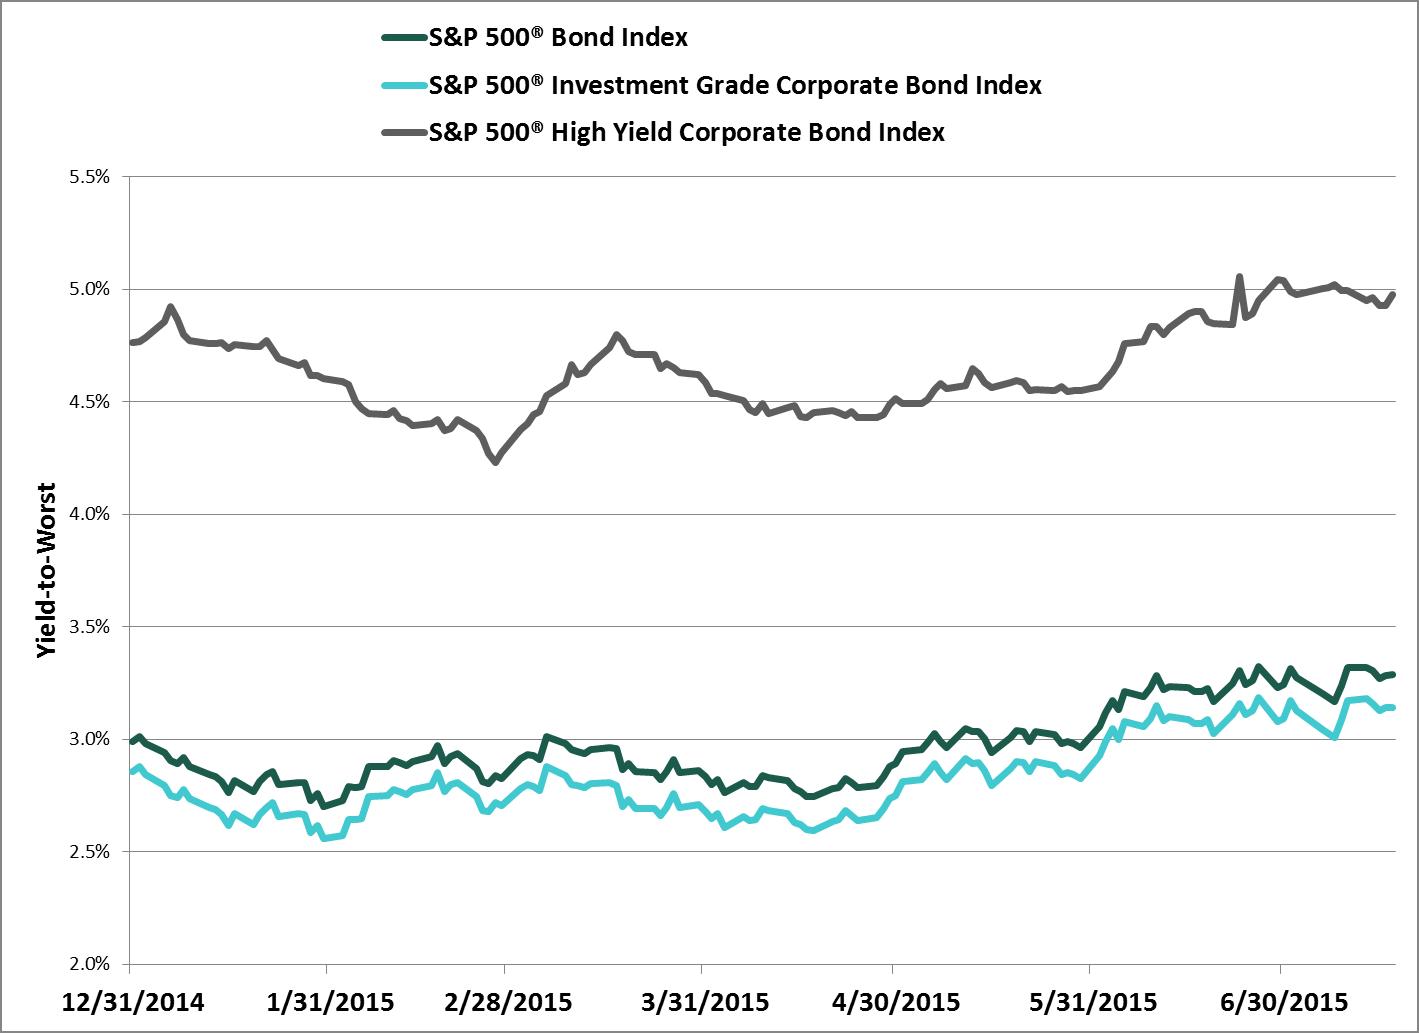 S&P 500 Bond Index